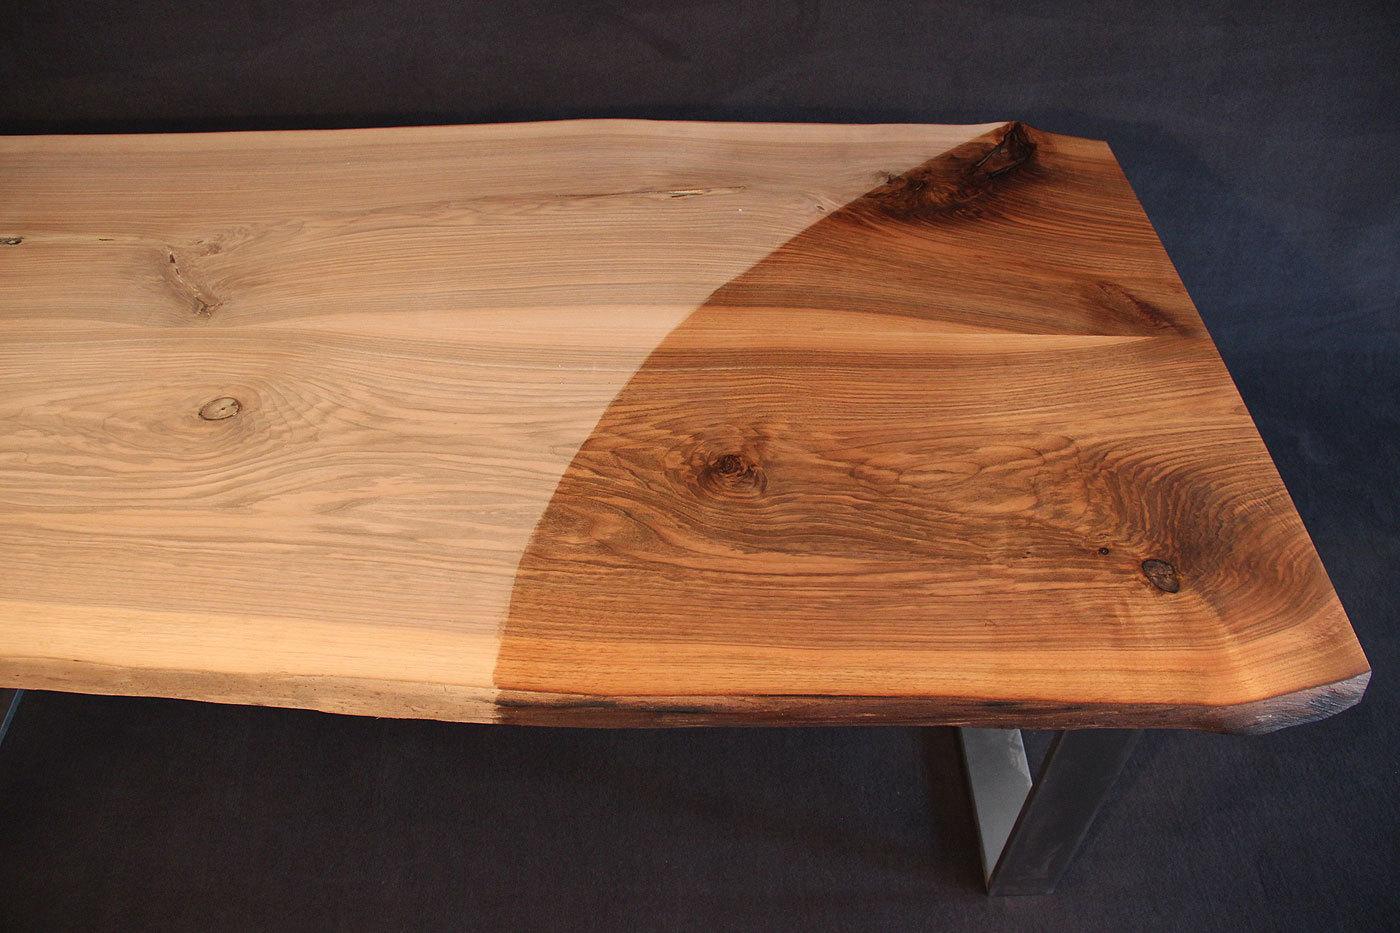 Tischplatte Massivholz Baumkante ~ Tischplatte mit Baumkante Massivholz Kaukasischer Nussbaum Rustikal